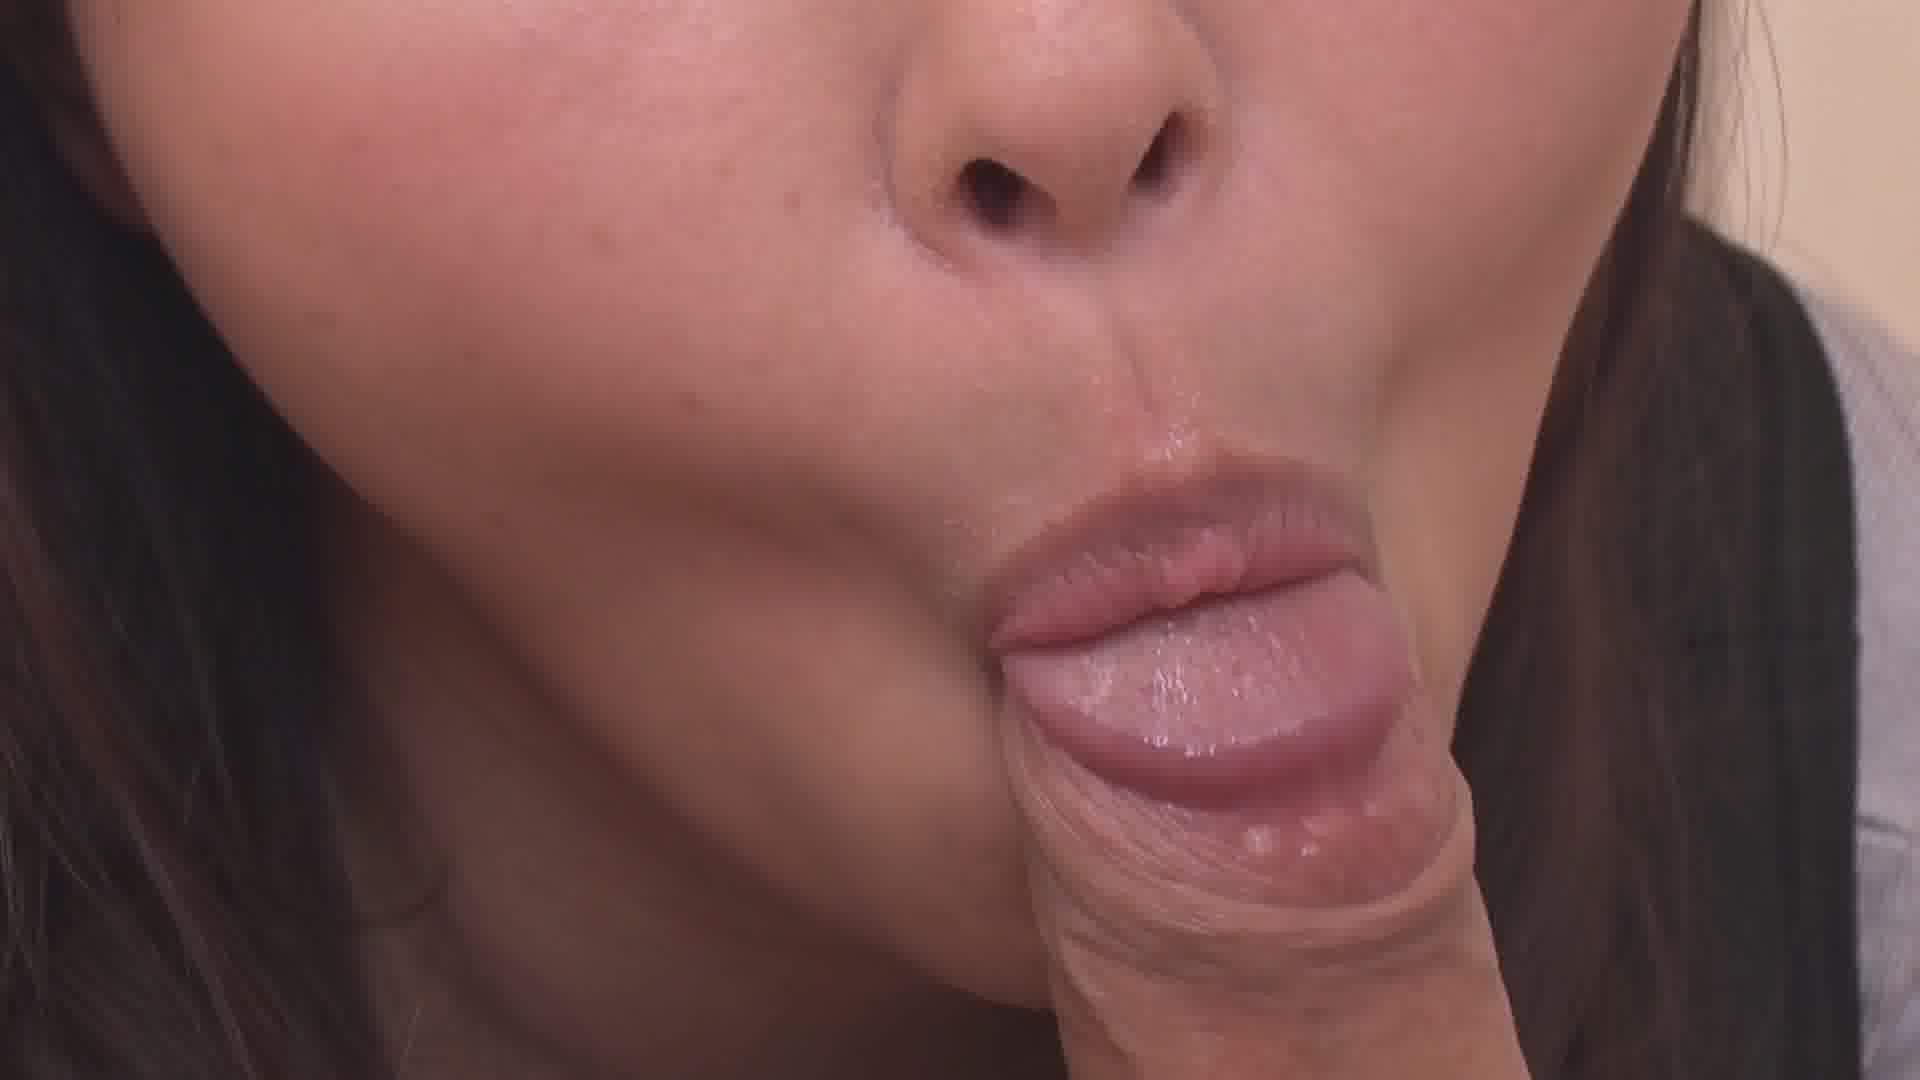 BOGA x BOGA ~小川桃果が僕のプレイを褒め称えてくれる~ - 小川桃果【痴女・巨乳・初裏】